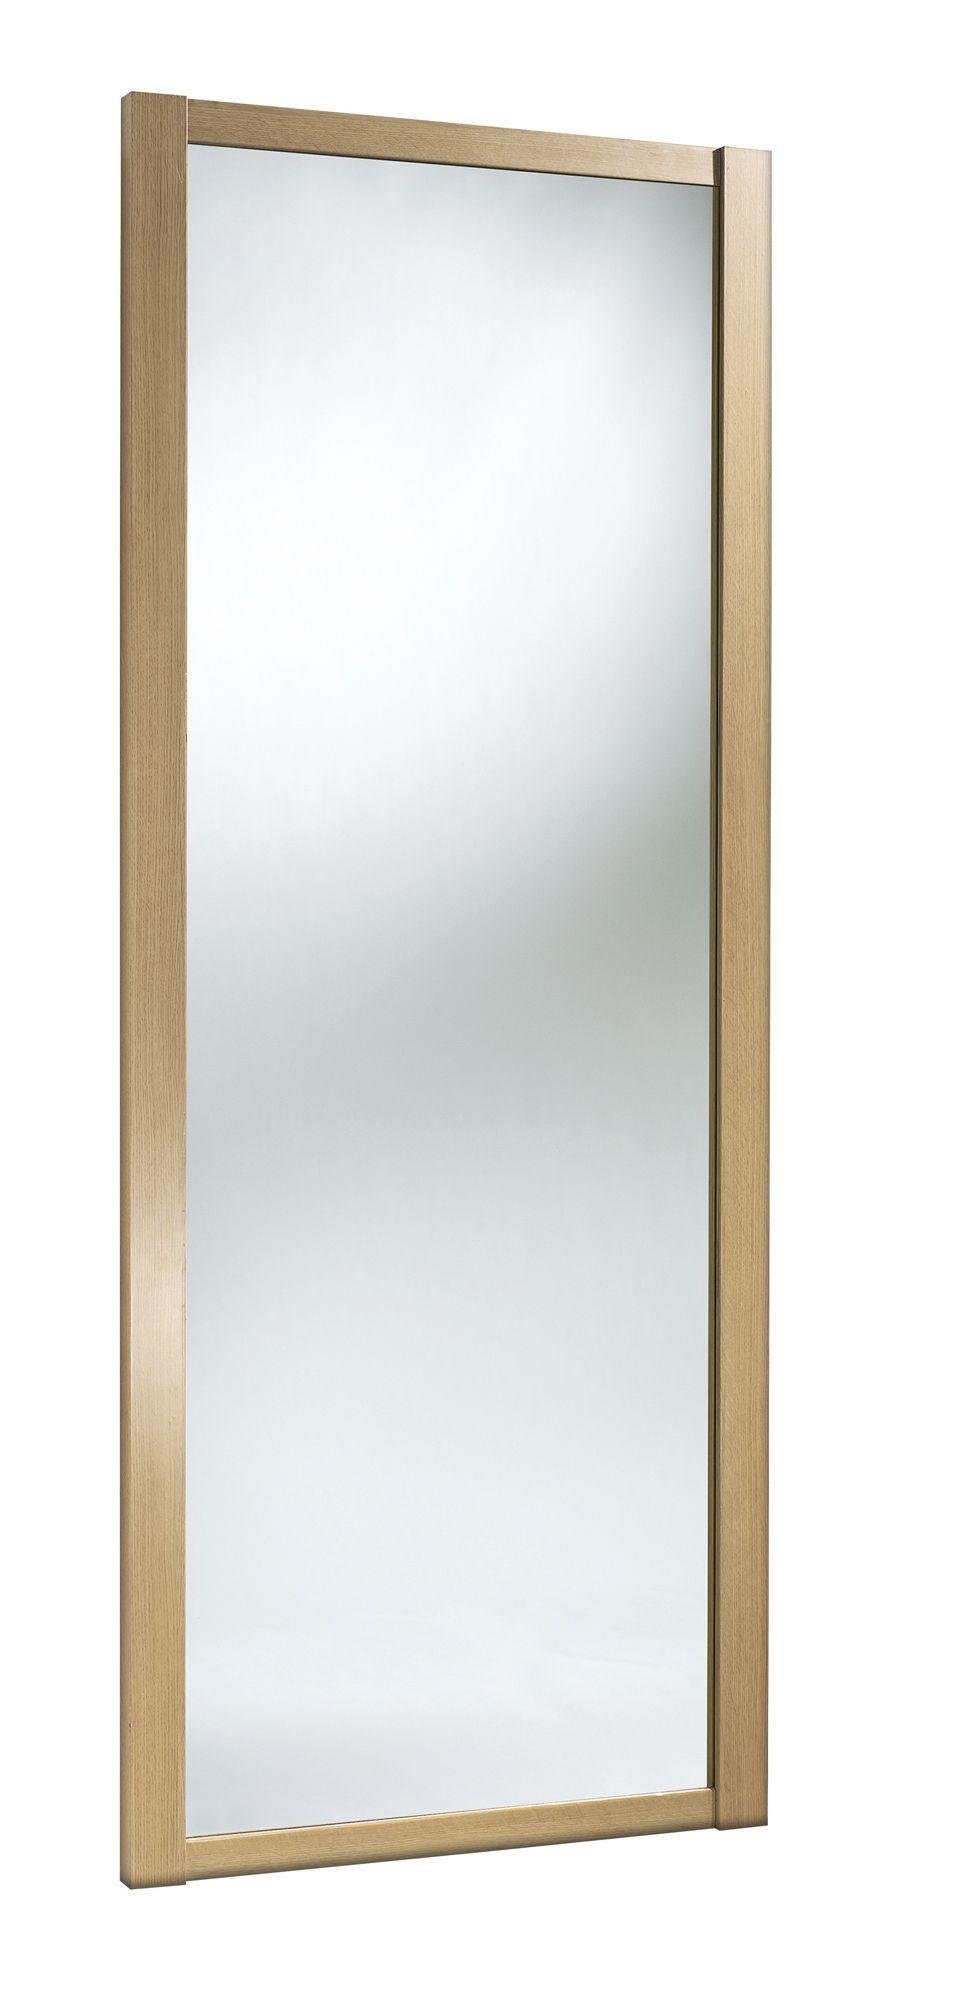 Shaker full length mirror natural oak effect sliding for B q bathroom mirrors